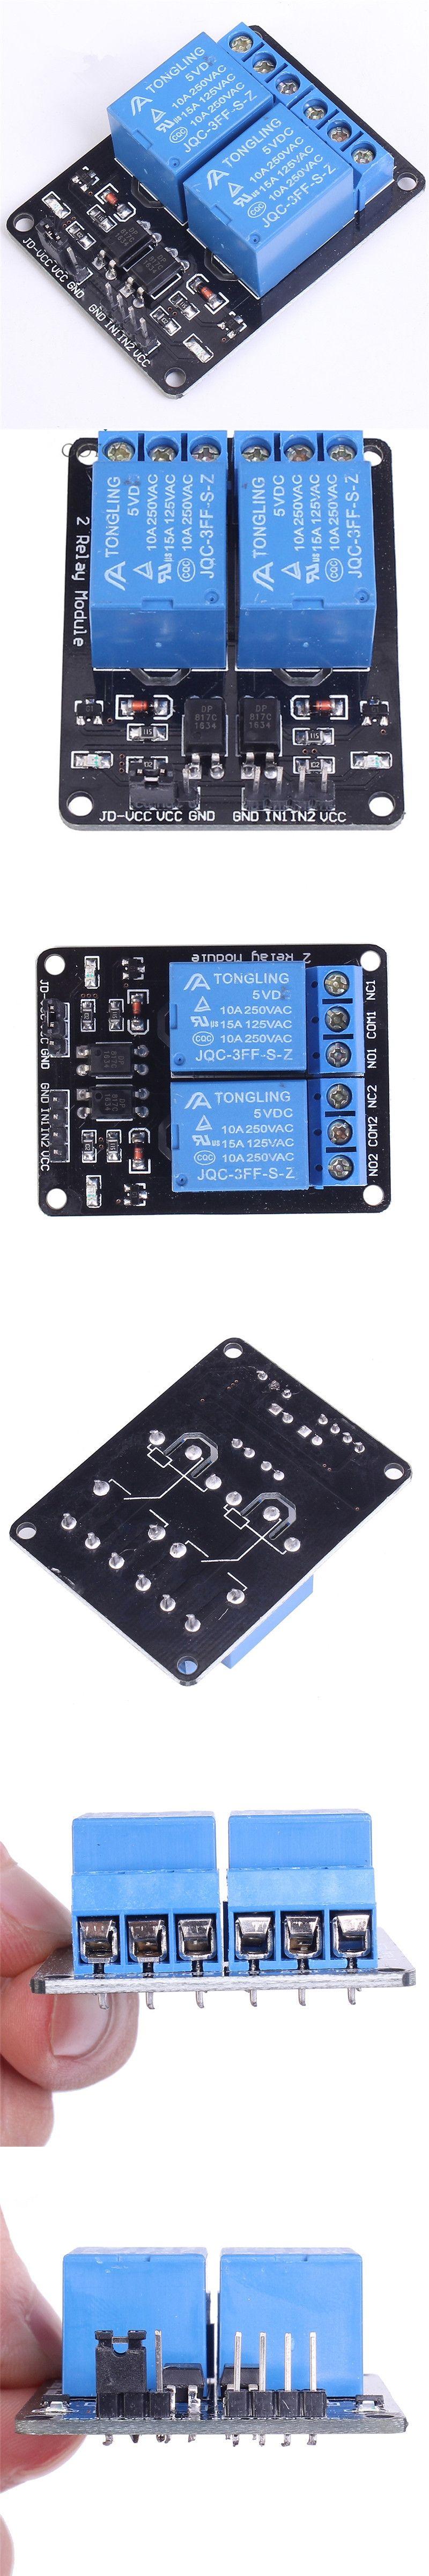 5v 2 Channel Relay Module For Arduino Uno R3 Raspberry Pi Demo Board